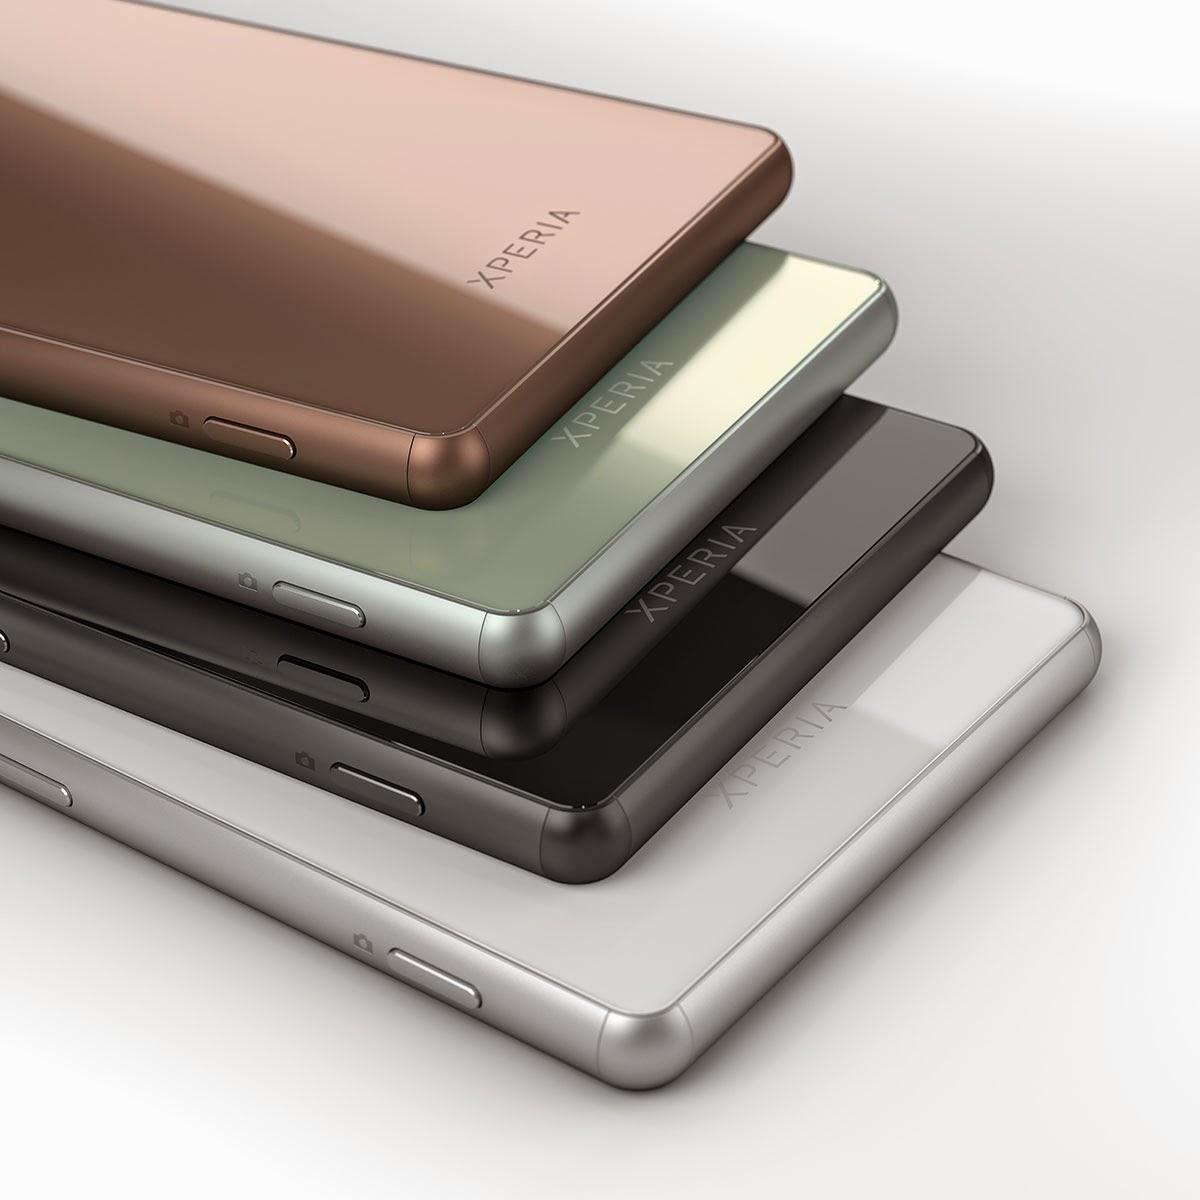 http://3.bp.blogspot.com/-FjneD9fTNwU/VEFRQsqwr3I/AAAAAAAAAhk/ZY8M9HAvf_g/s1600/Sony-Xperia-Z3-en-negro-blanco-verde-y-cobre.jpg